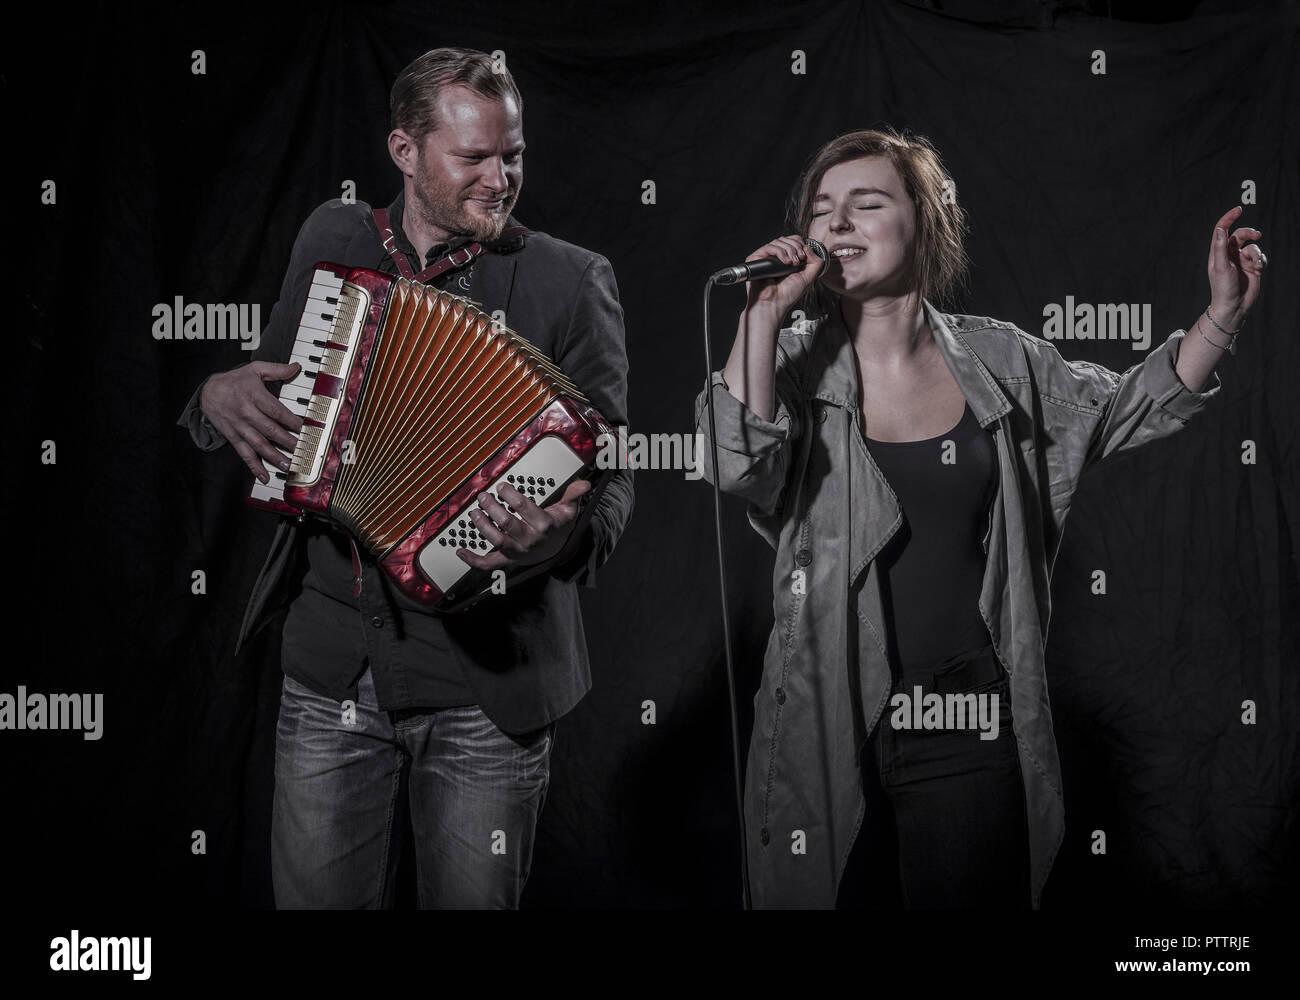 Musiker Mit Akkordeon, Saengerin Mit Mikrofon (Model-Release) Stockbild